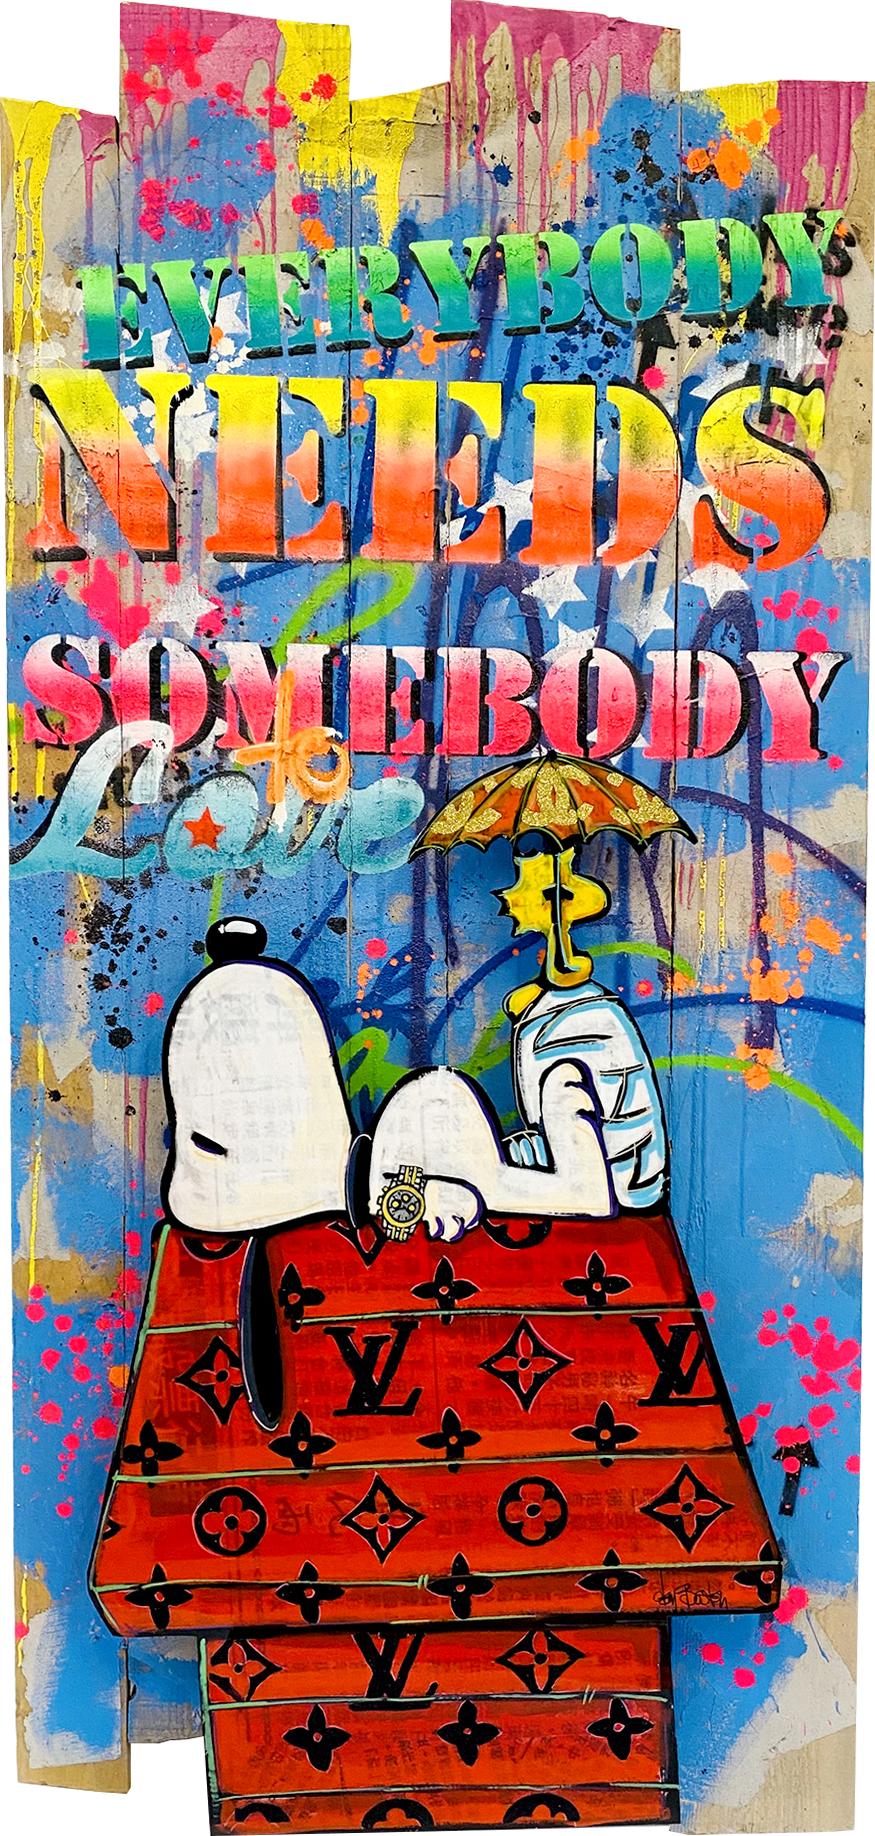 Tom Boston - Everybody needs somebody , 8022-006-307